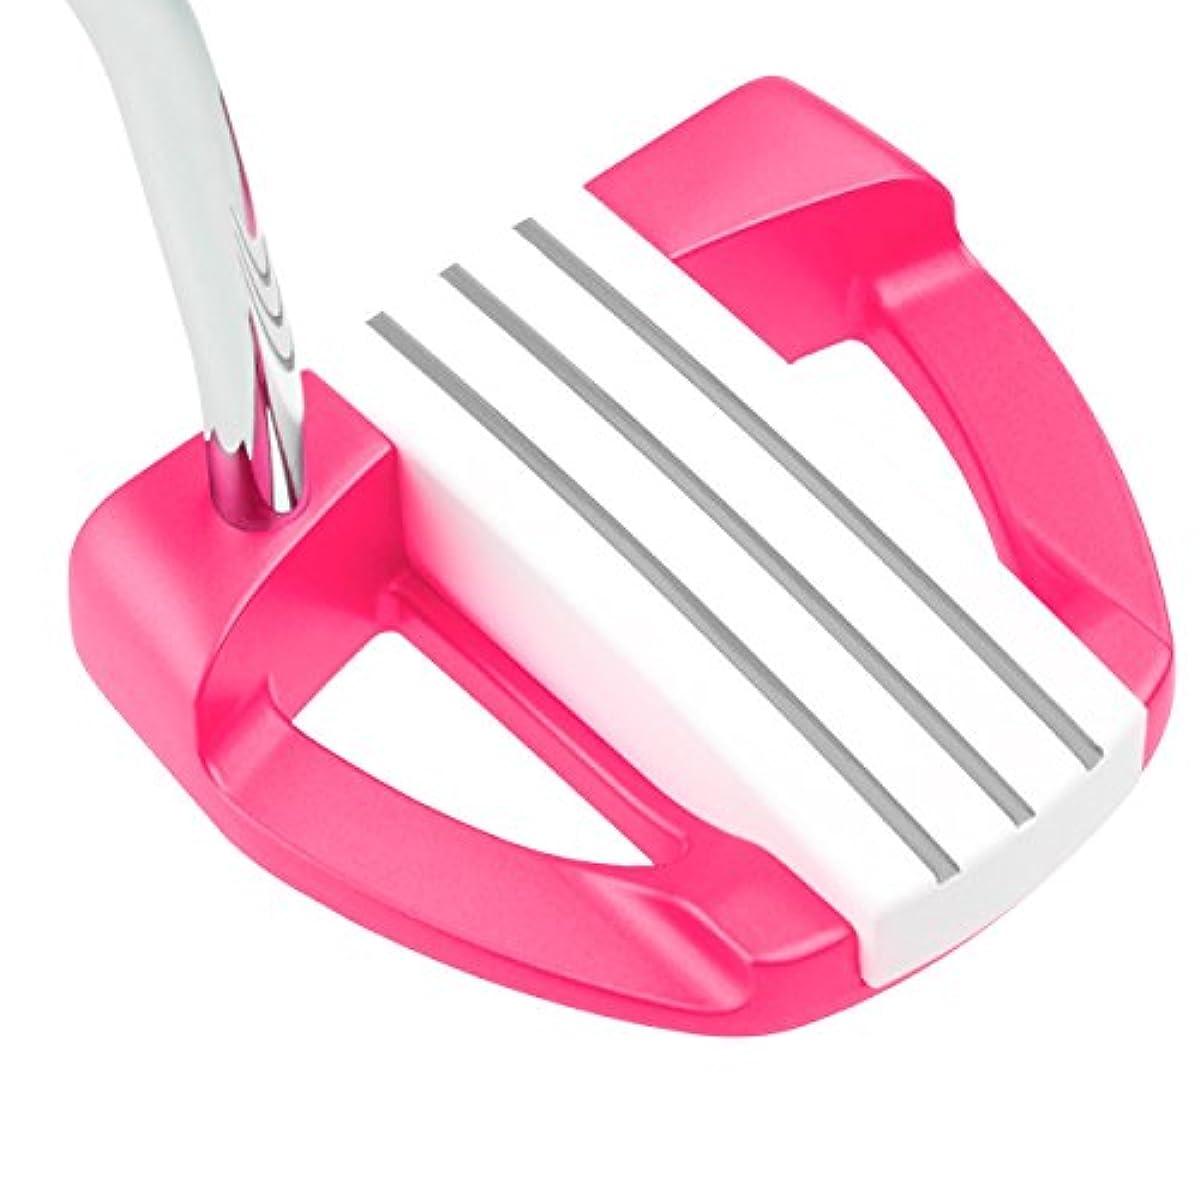 [해외] BIONIK 골프701 핑크 멜릿 퍼터